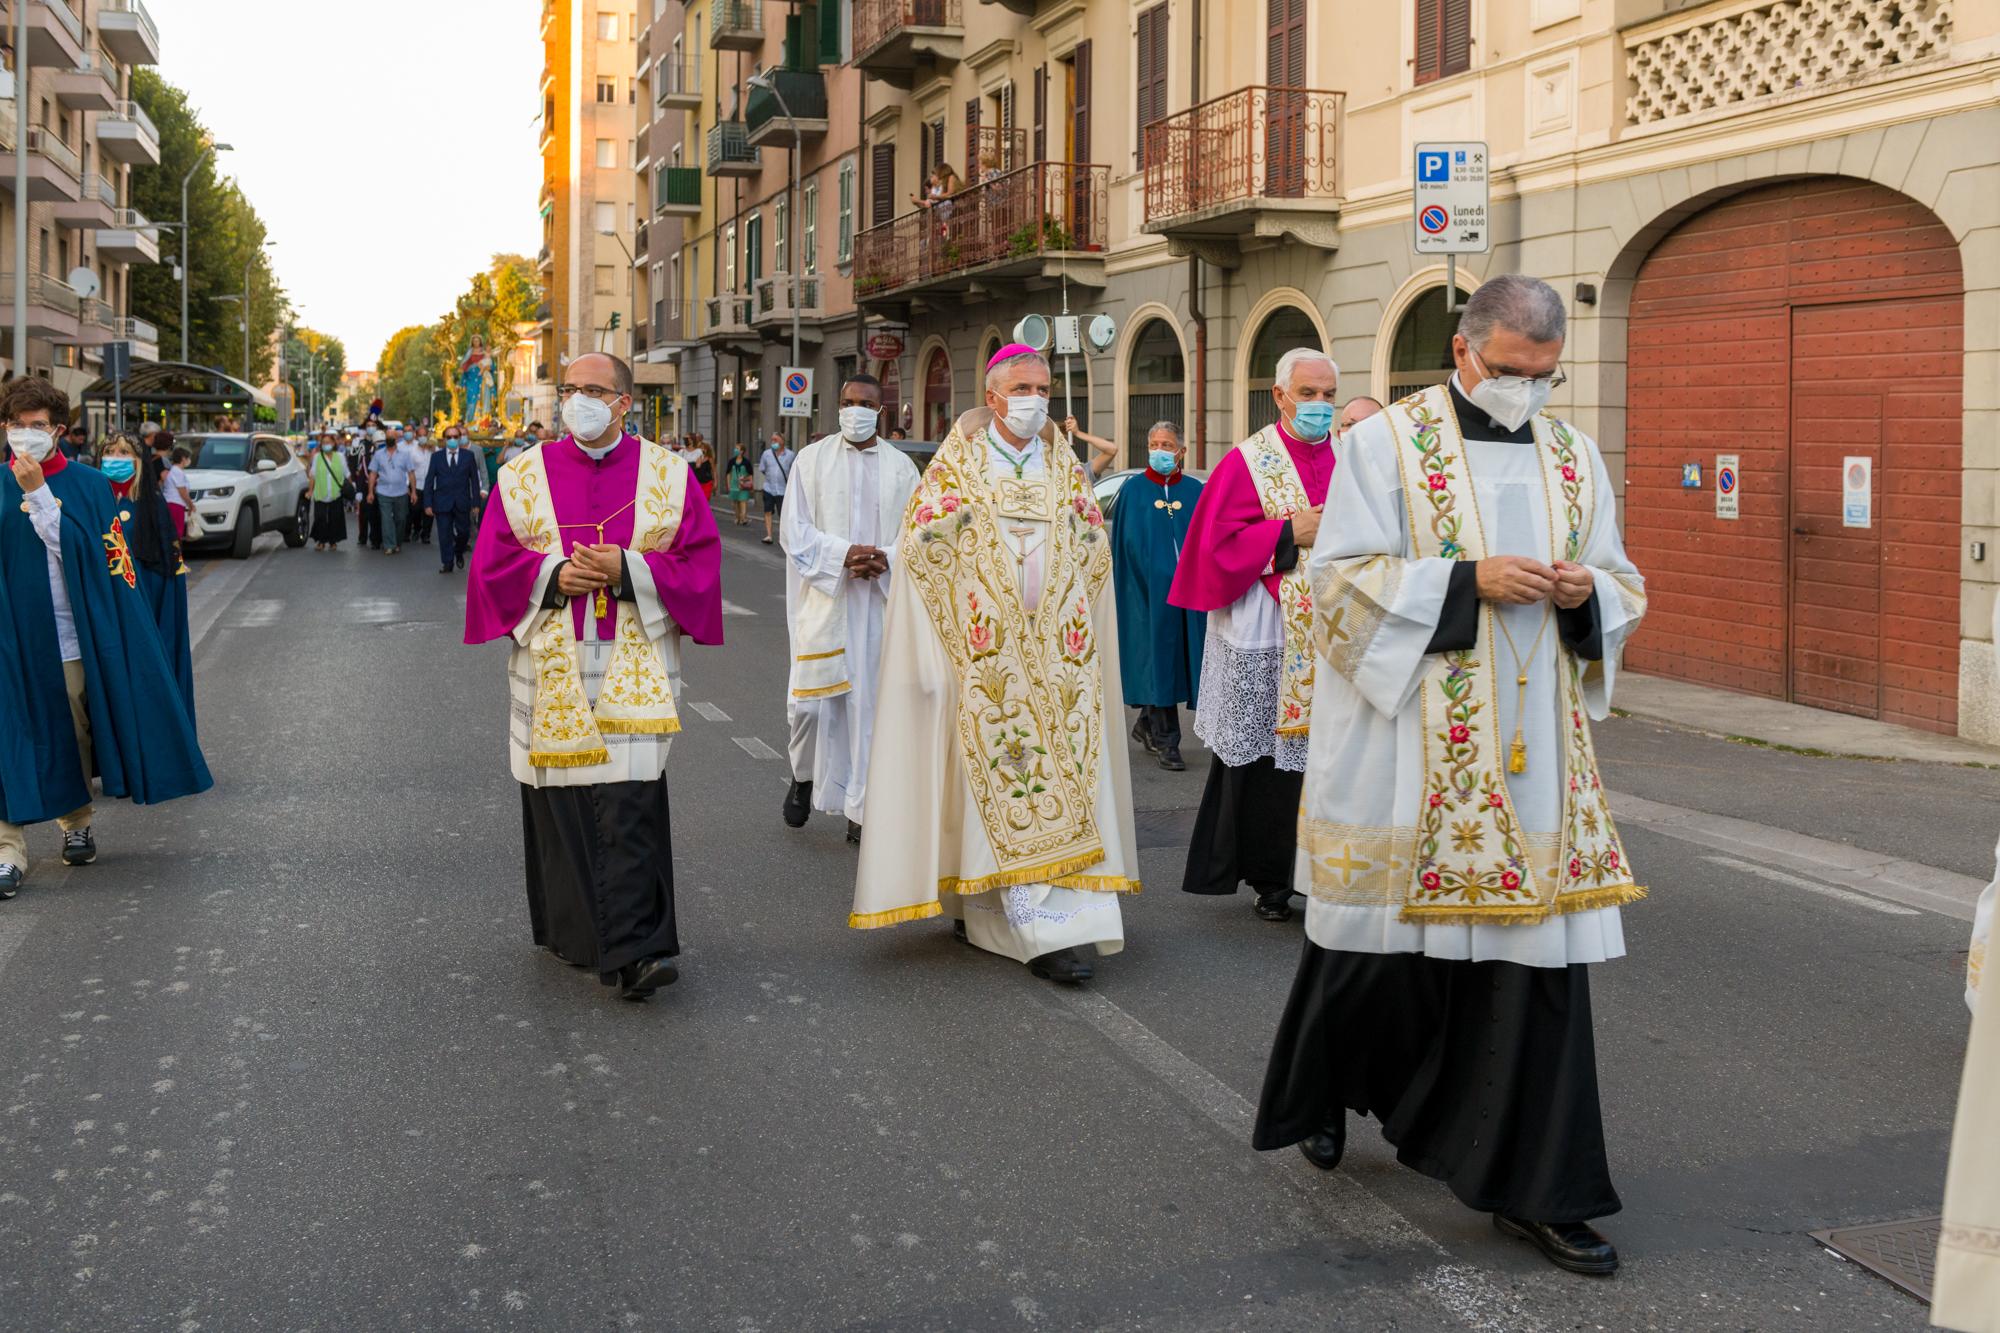 29-agosto-2021-Viola-17-e-processione-MdG-–-FOTO_mdg_-81